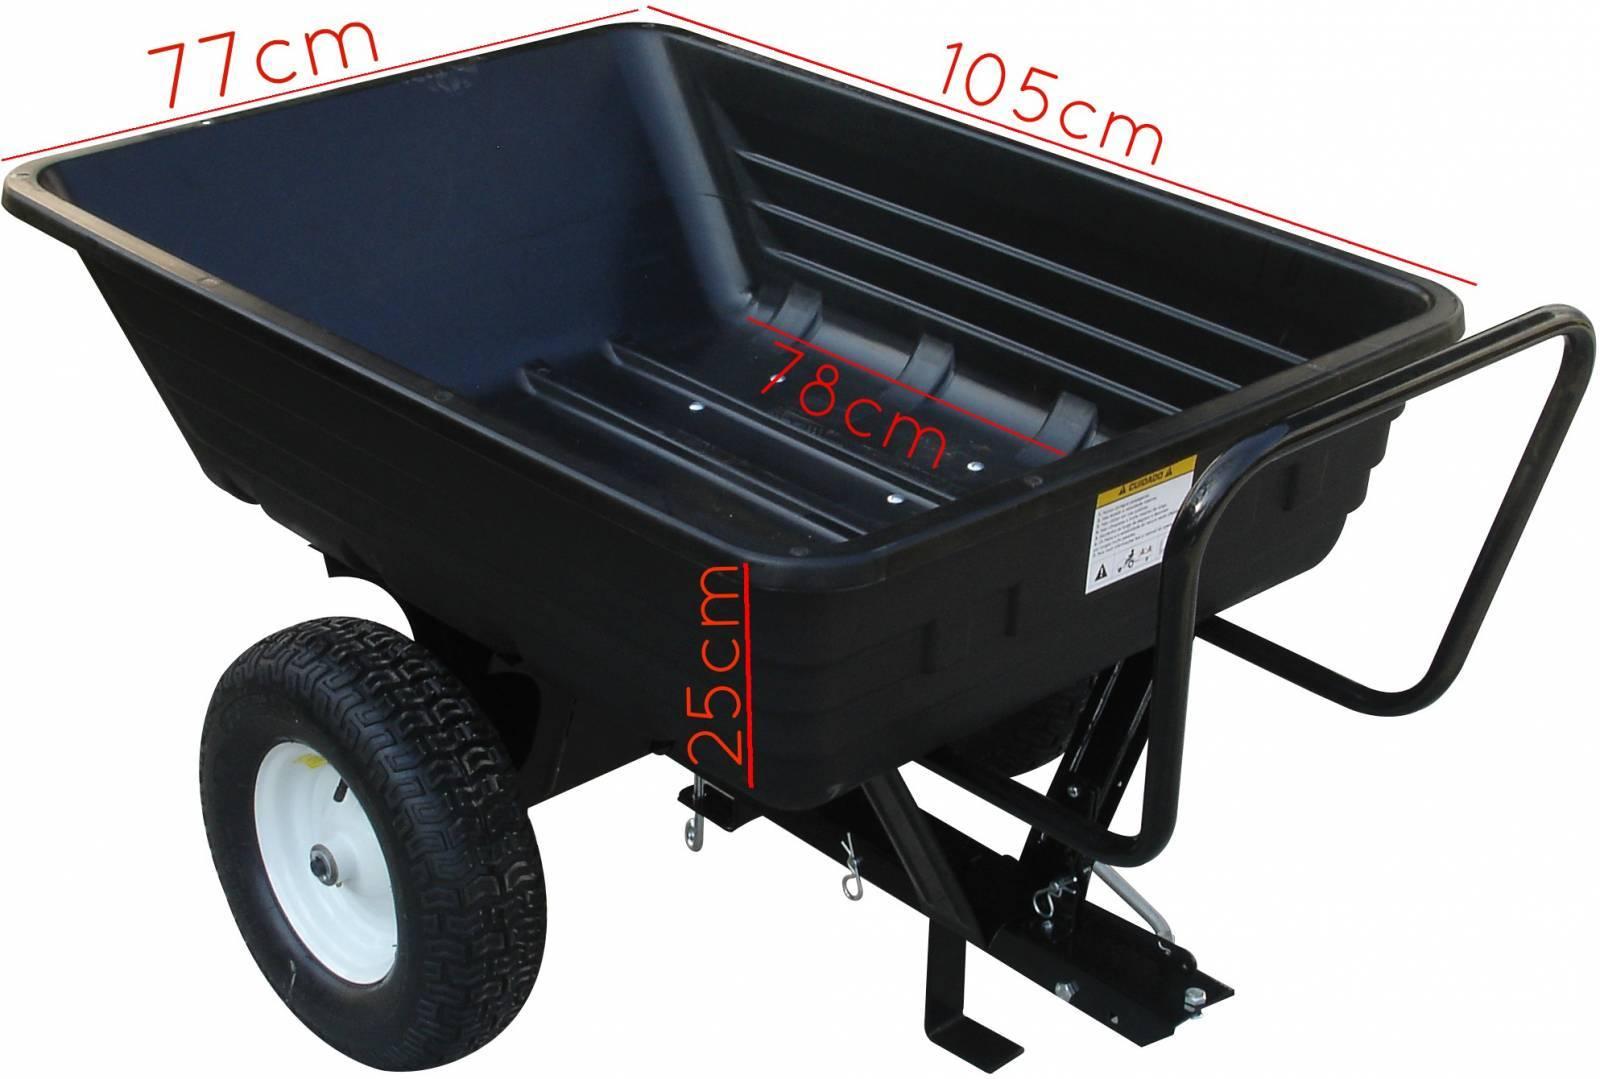 Carreta carretinha para motocultivador tratorito microtrator capac. 250kg